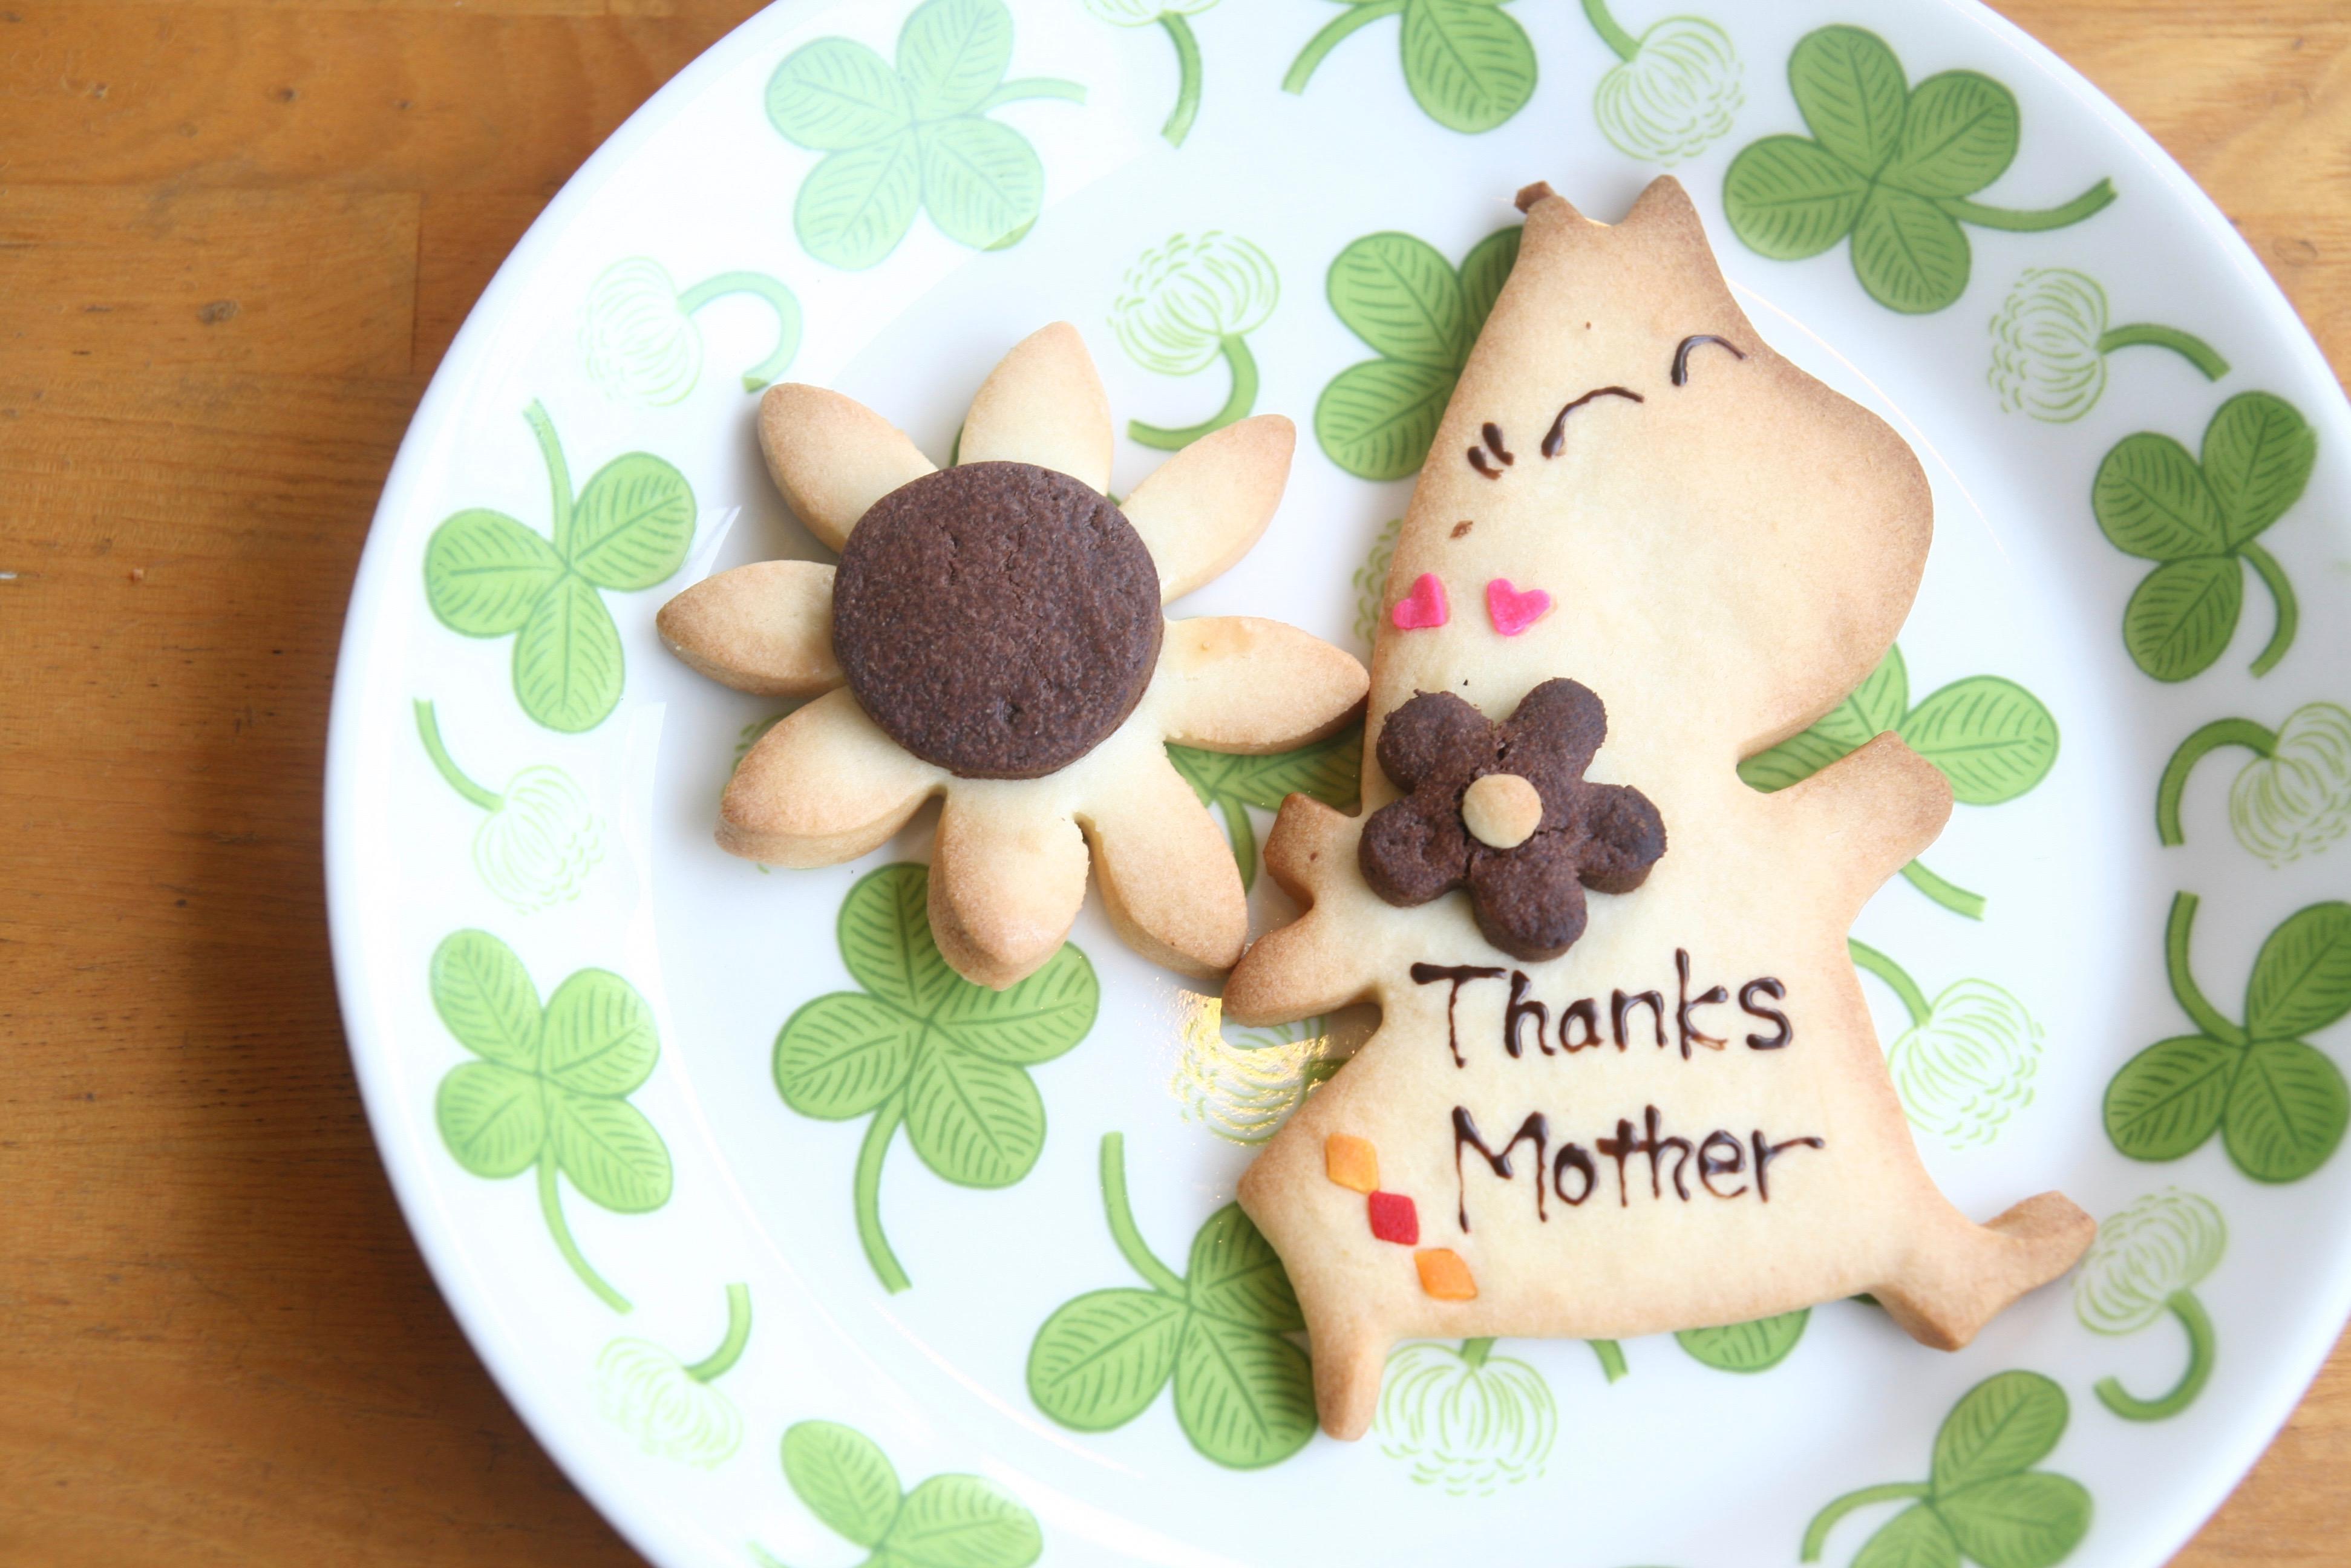 母の日クッキー詰め合わせ